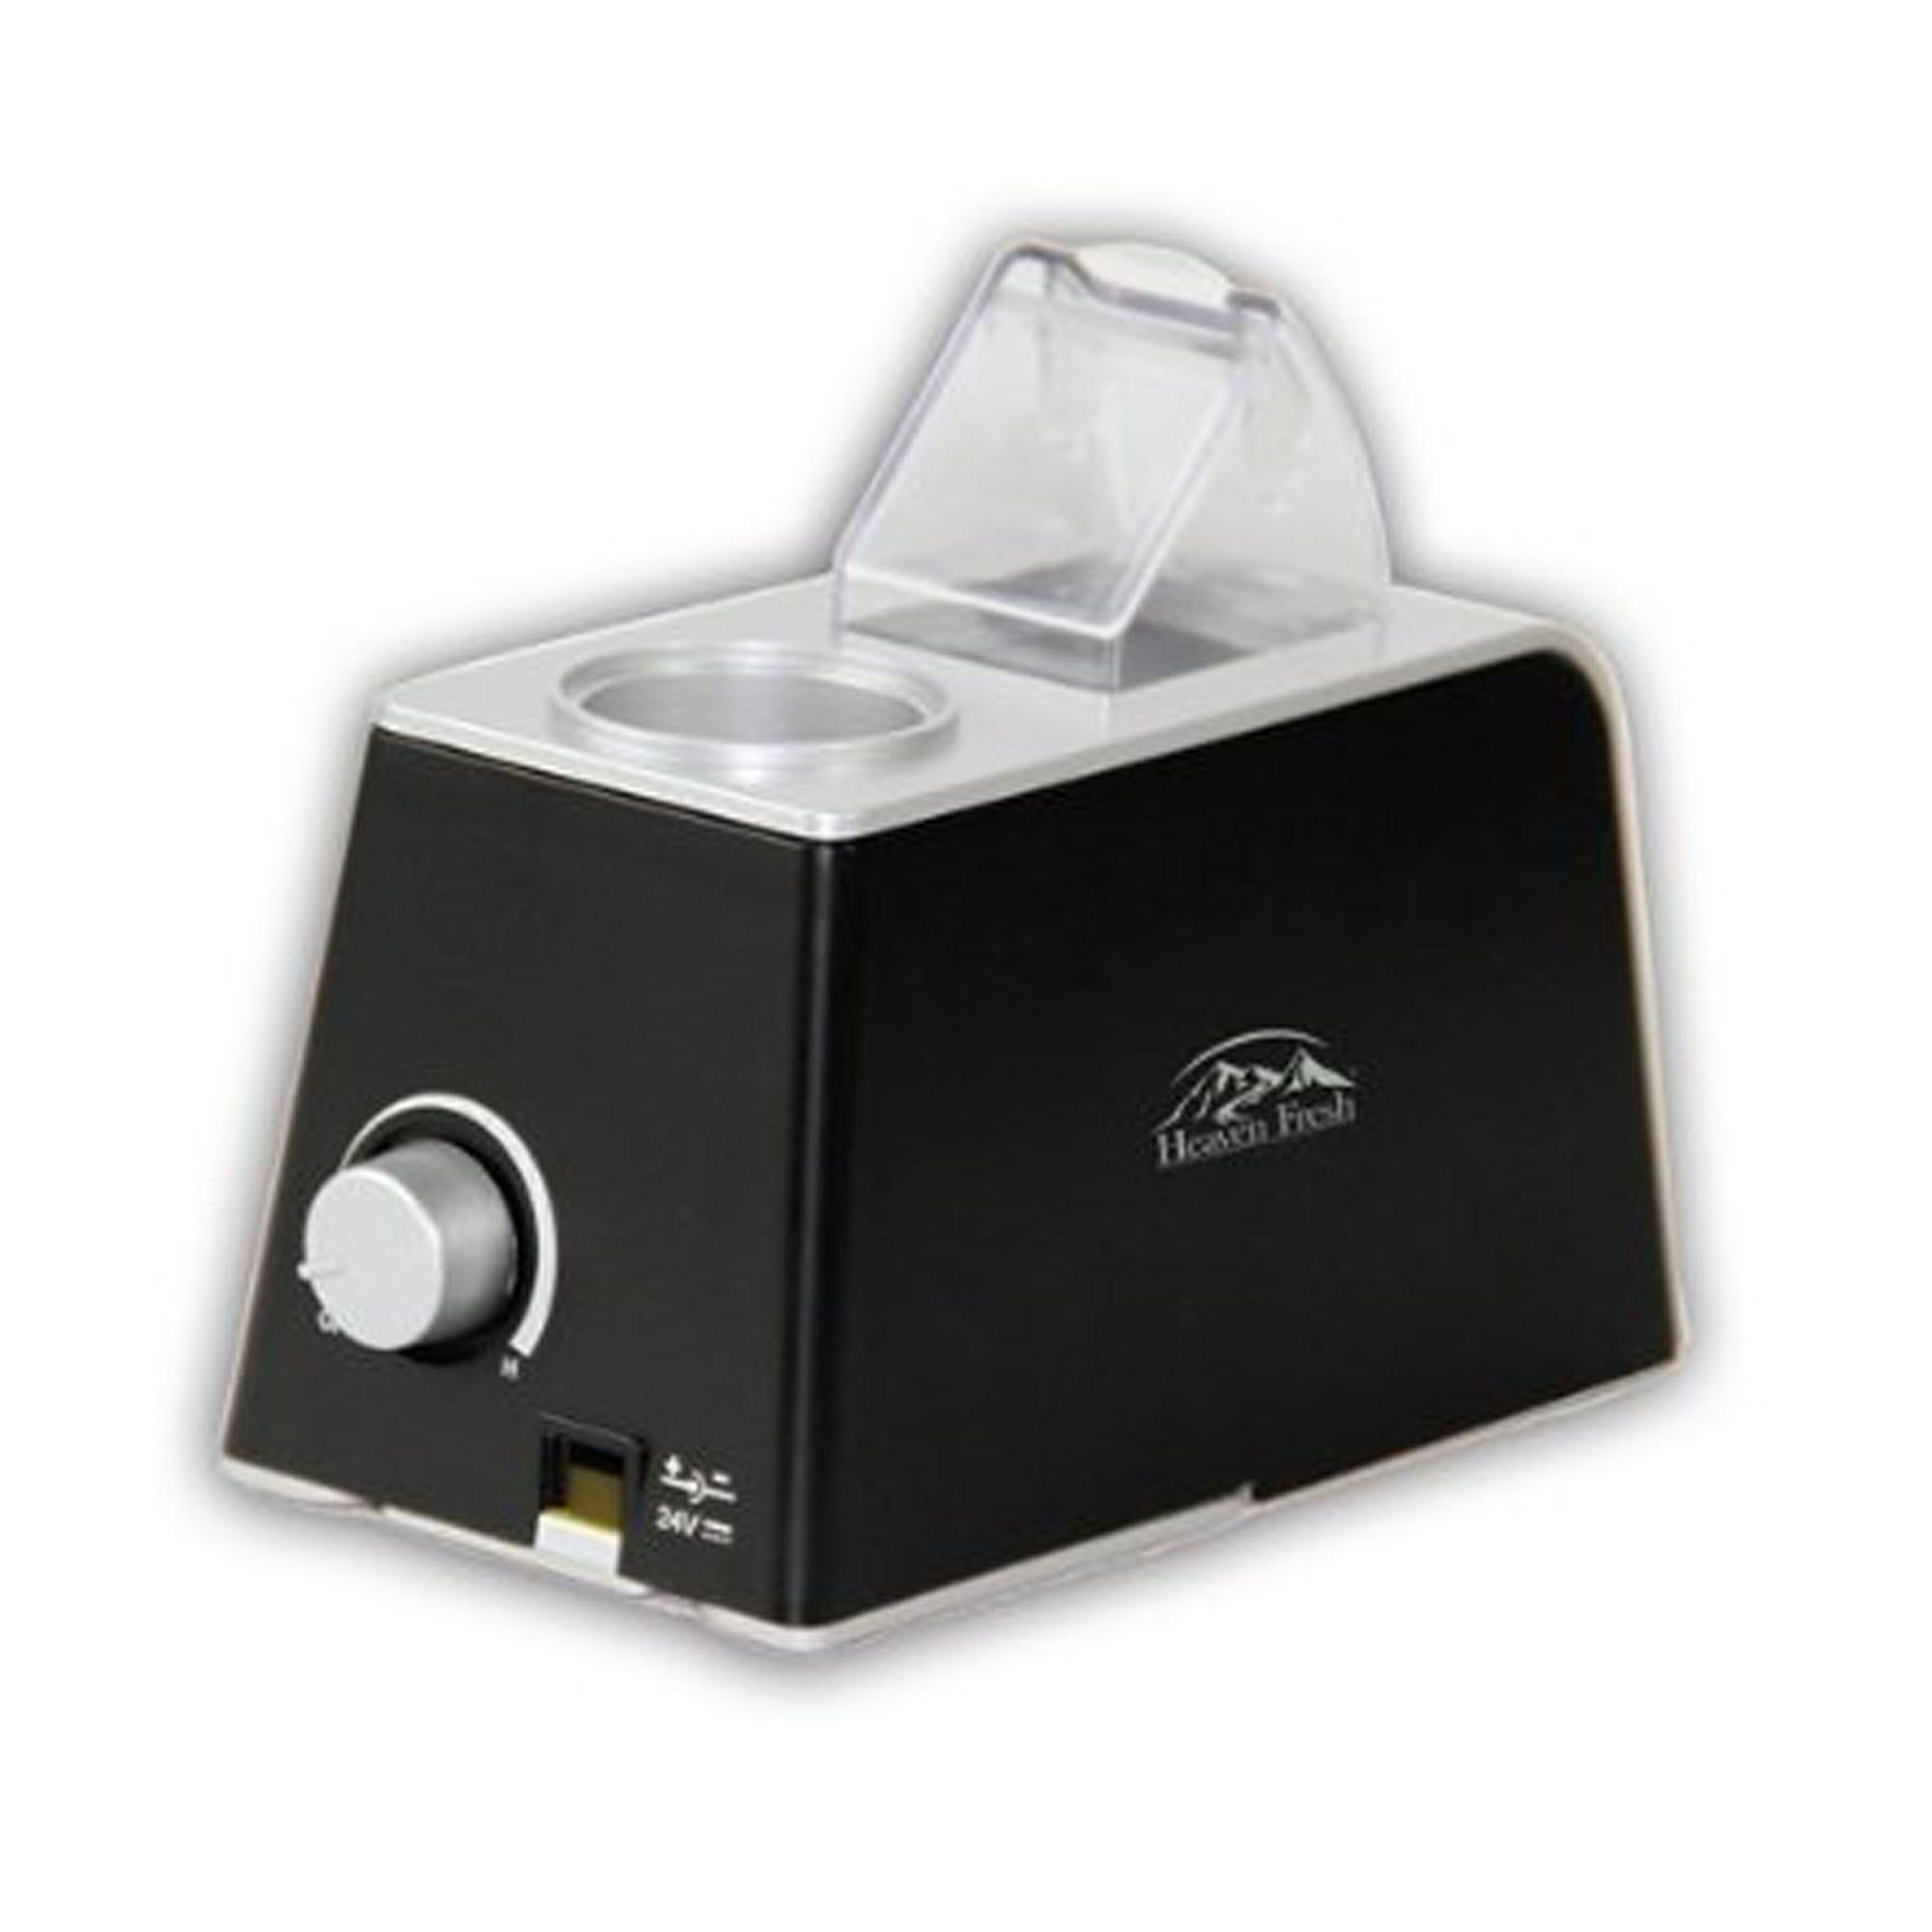 Image of Heaven Fresh Travel Ultrasonic Humidifier HF76